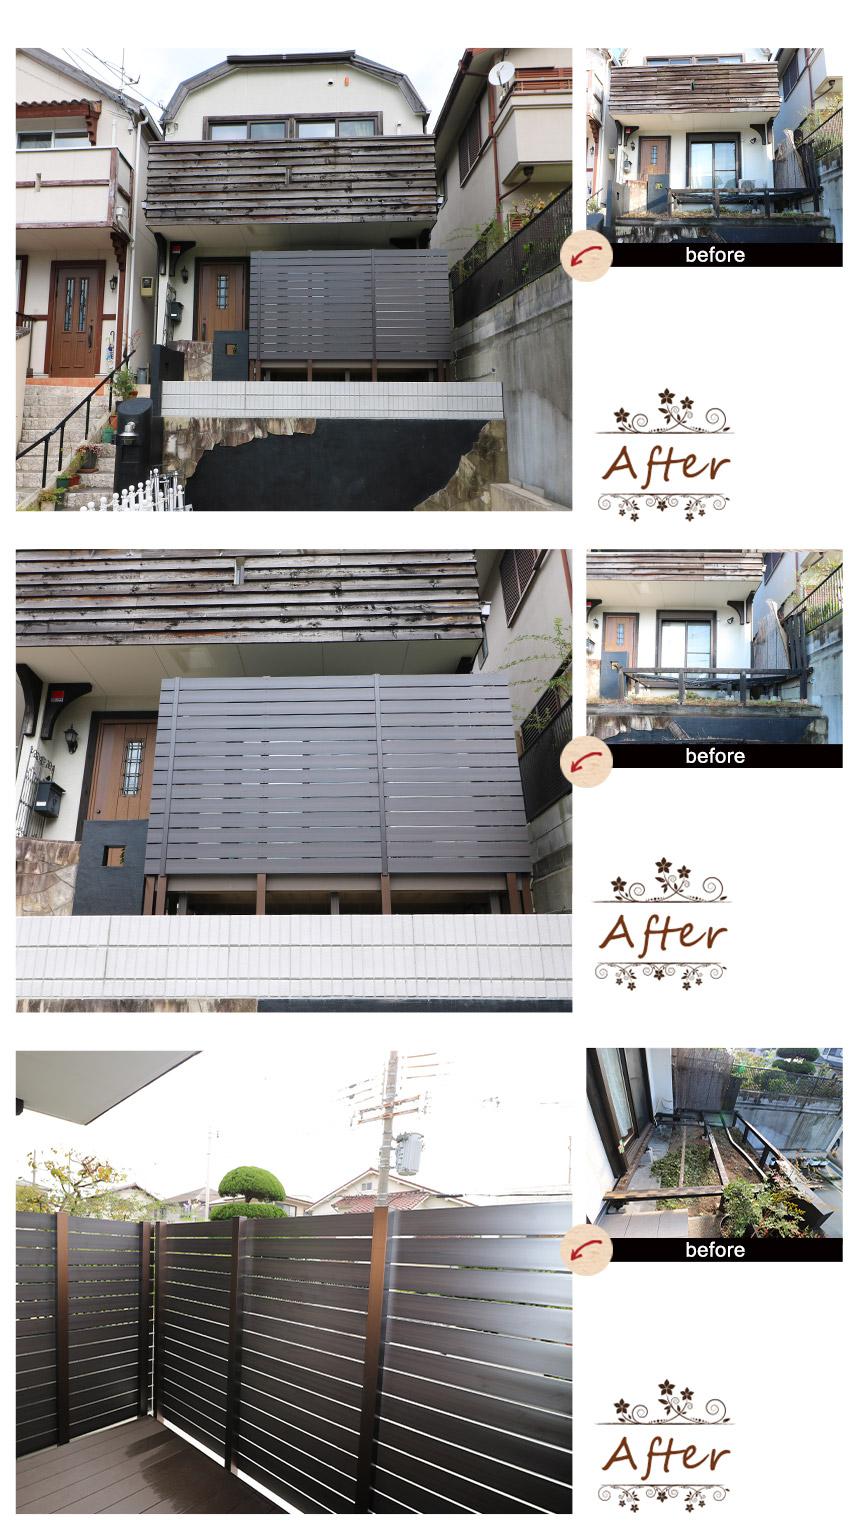 神戸市須磨区 O様邸のビフォーアフター写真